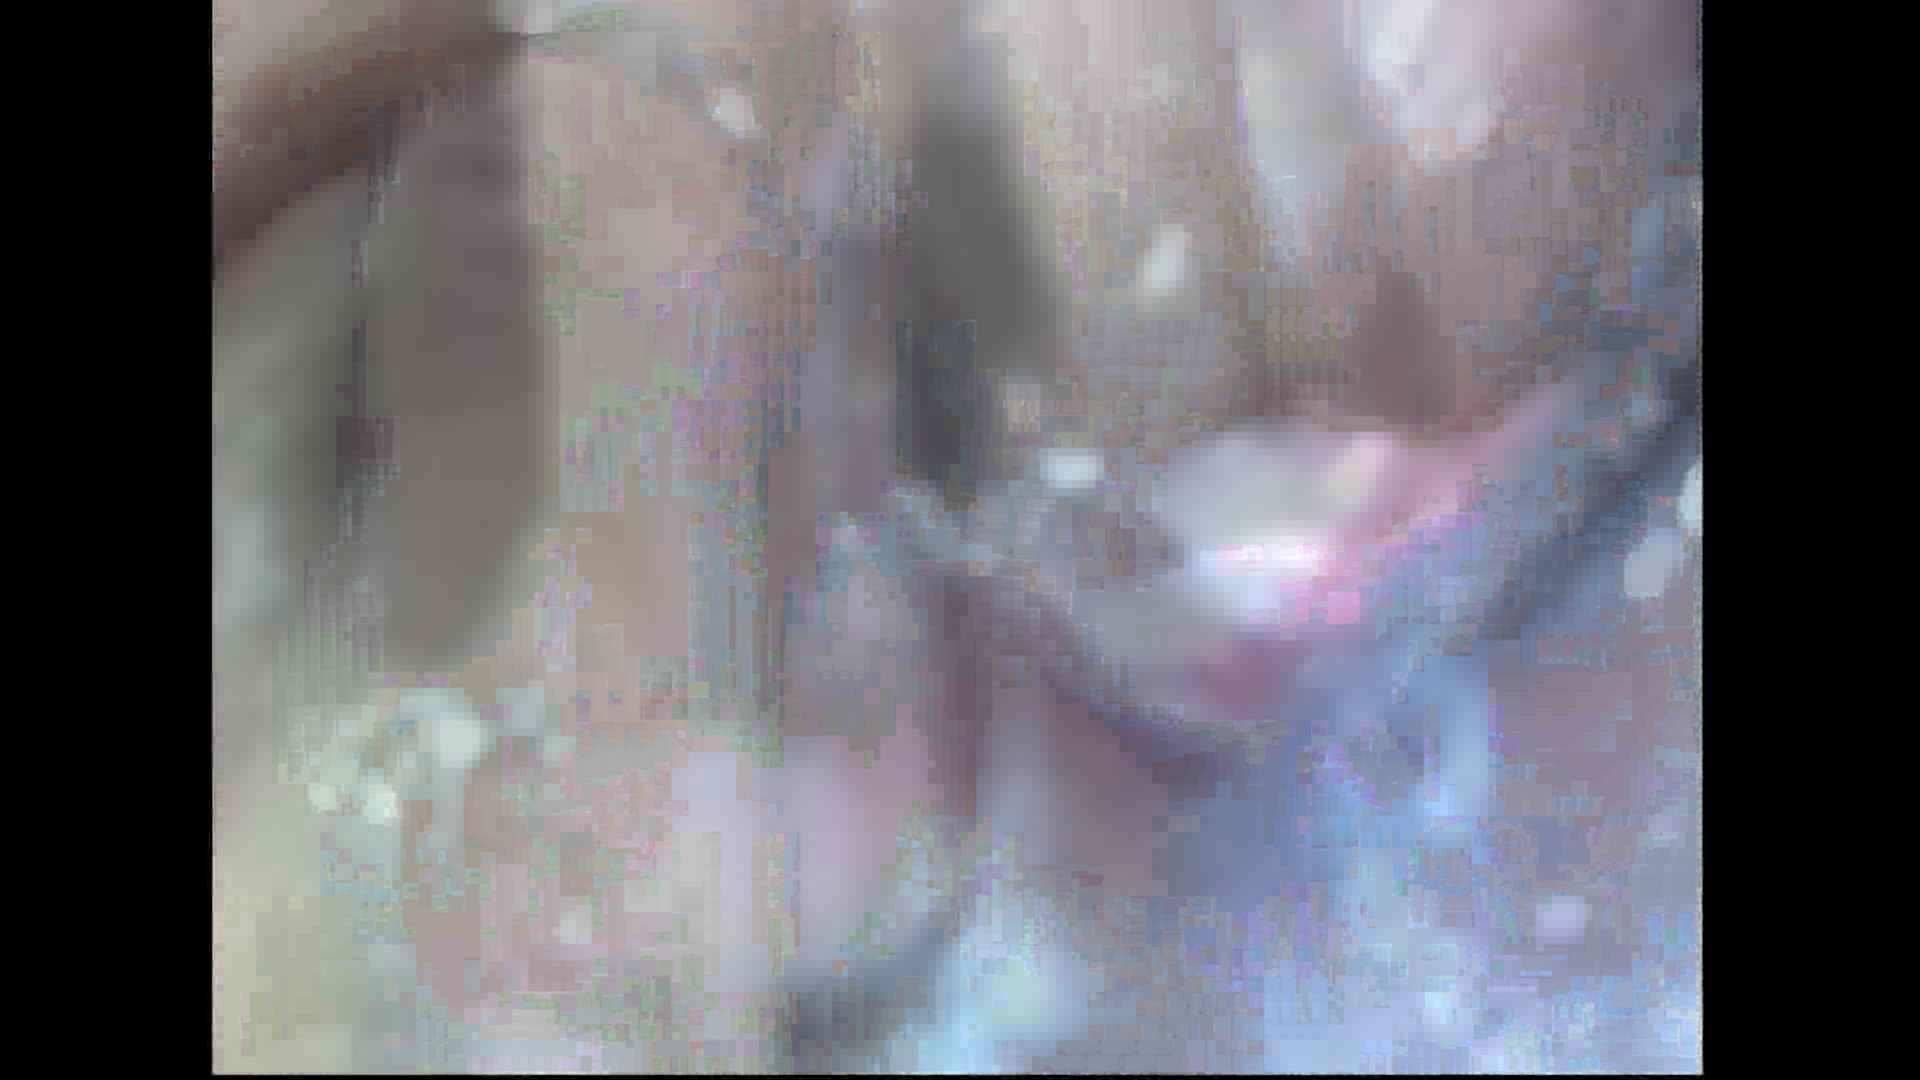 アヘ顔のわたしってどうかしら Vol.32 美女のエッチ おまんこ無修正動画無料 112pic 43